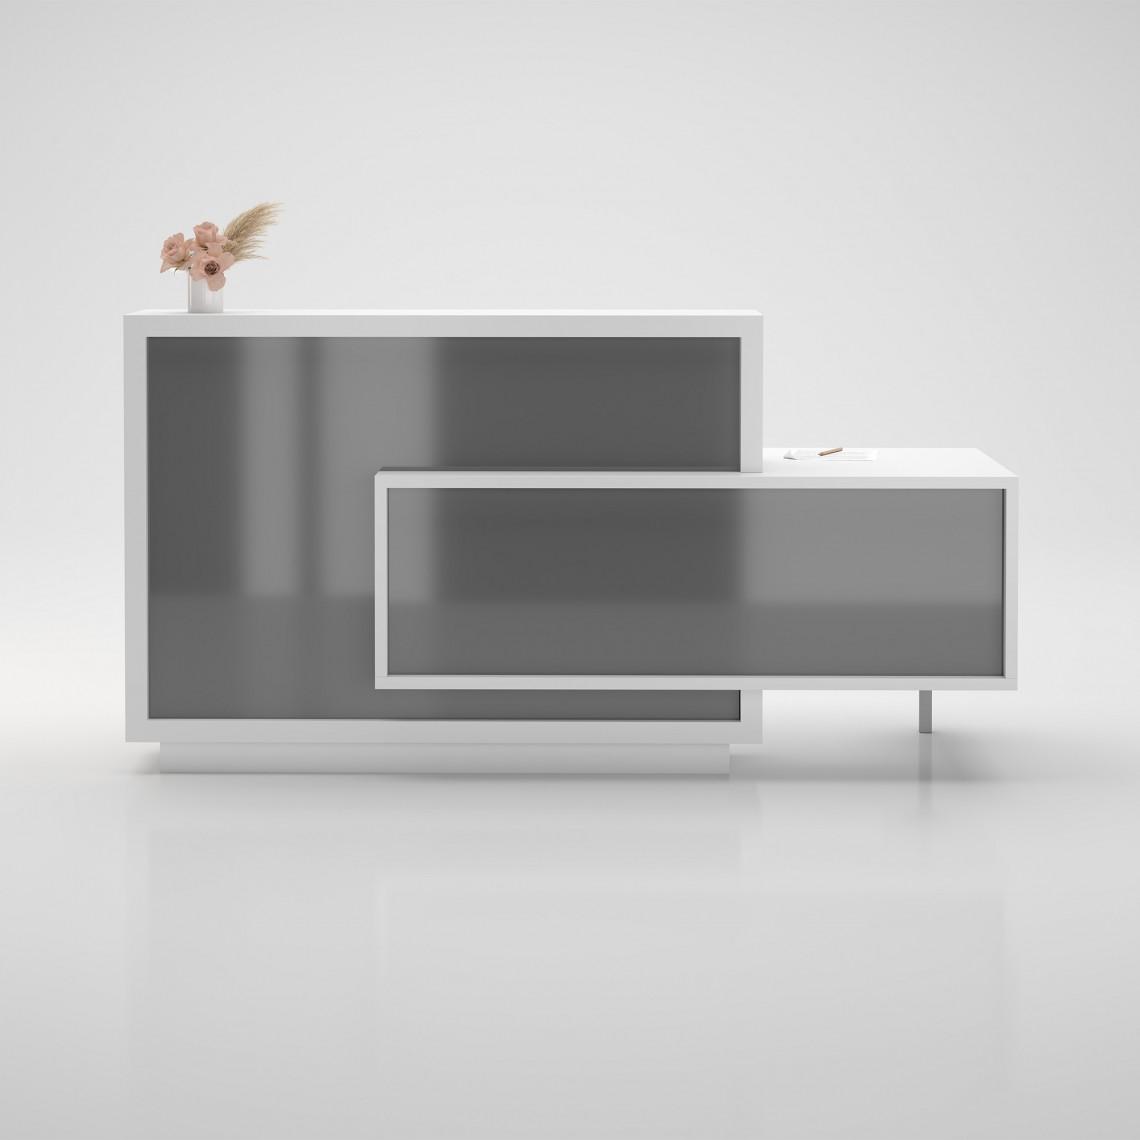 Fora Modell 1 - Receptionsdisk